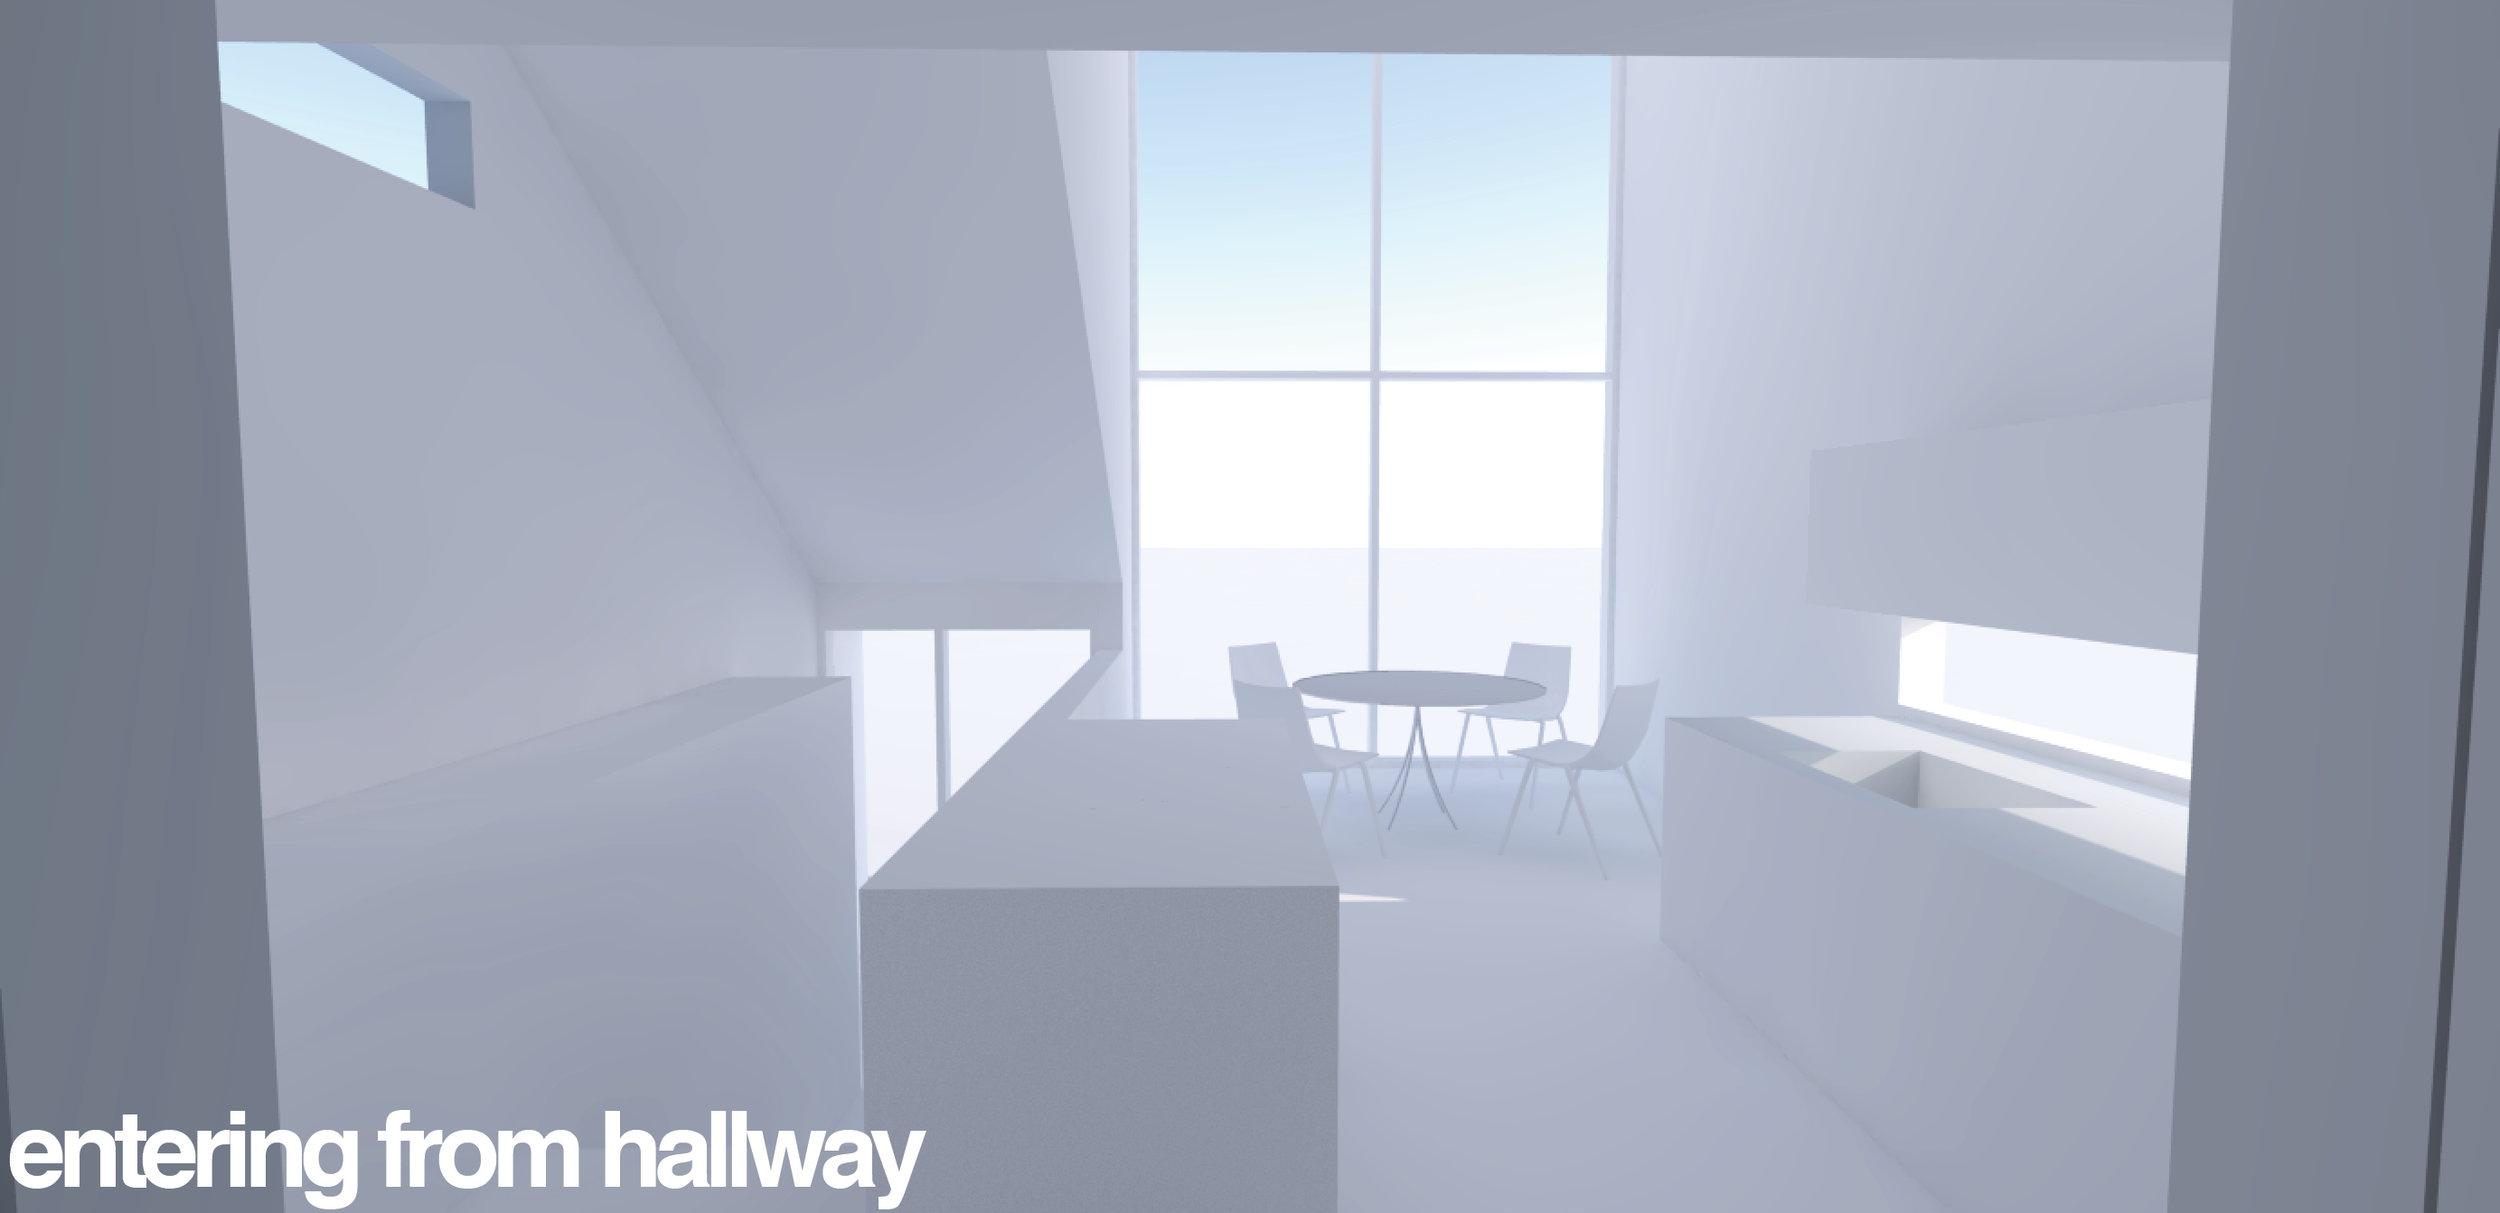 ingham rendering3.jpg